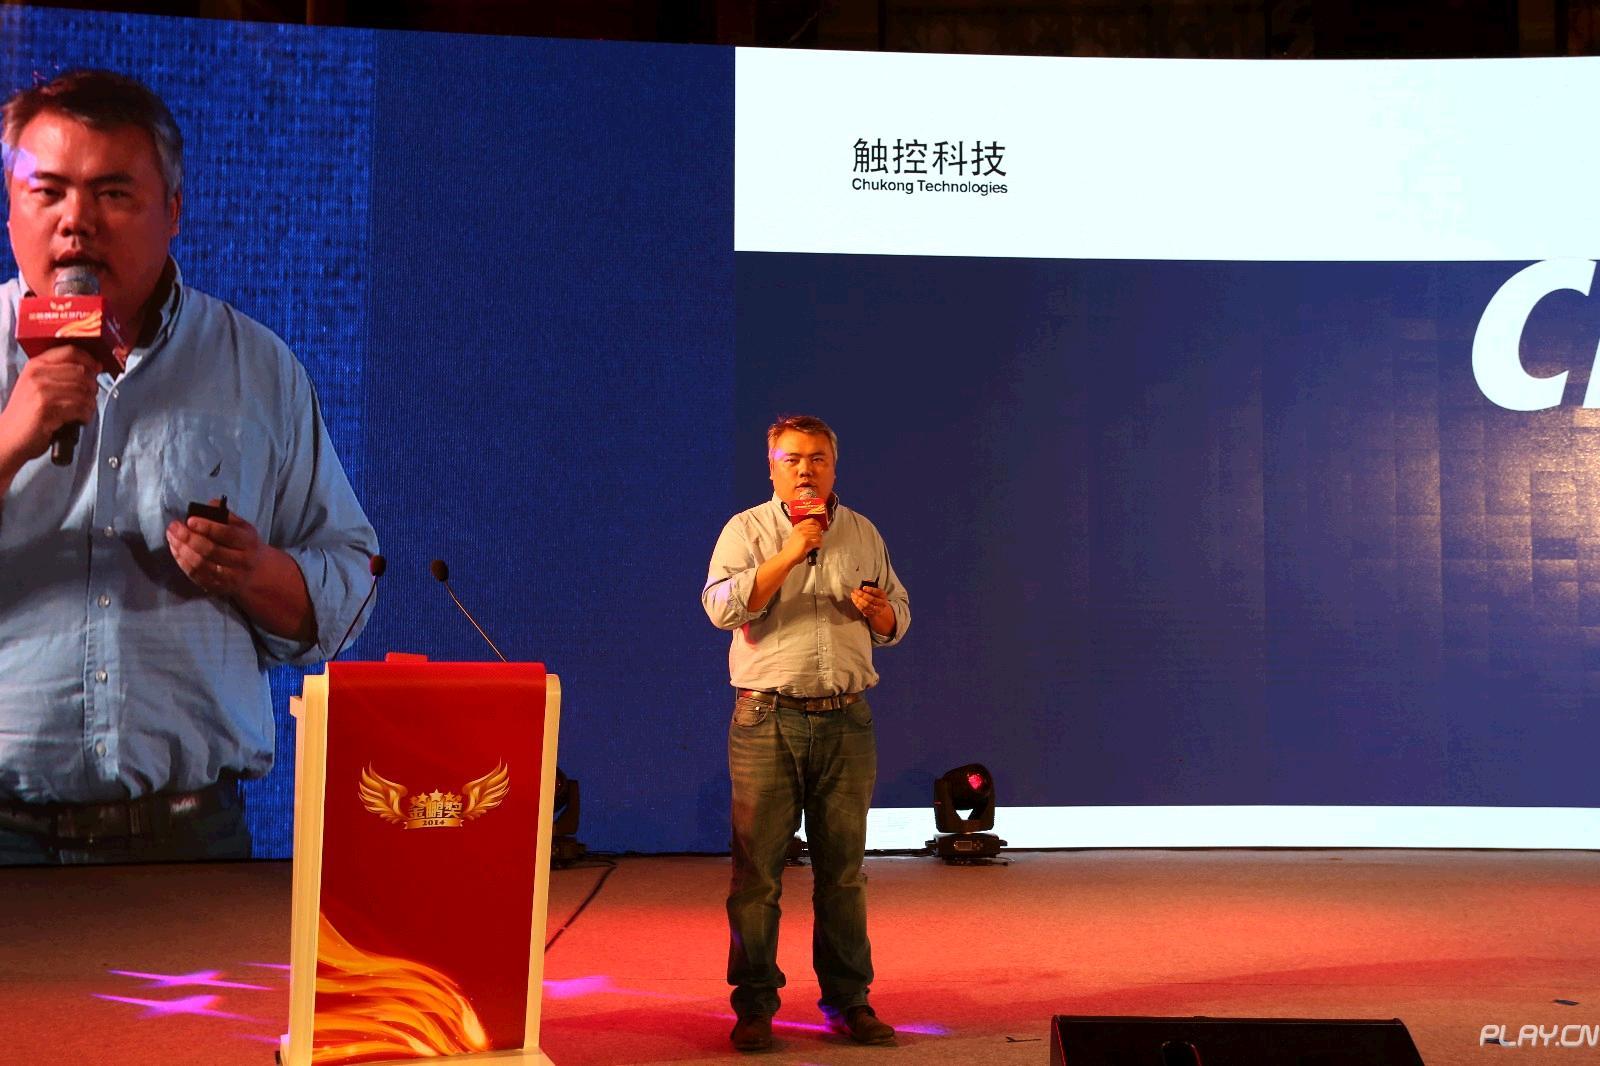 触控科技陈昊芝:新捕鱼将会是互联网模式